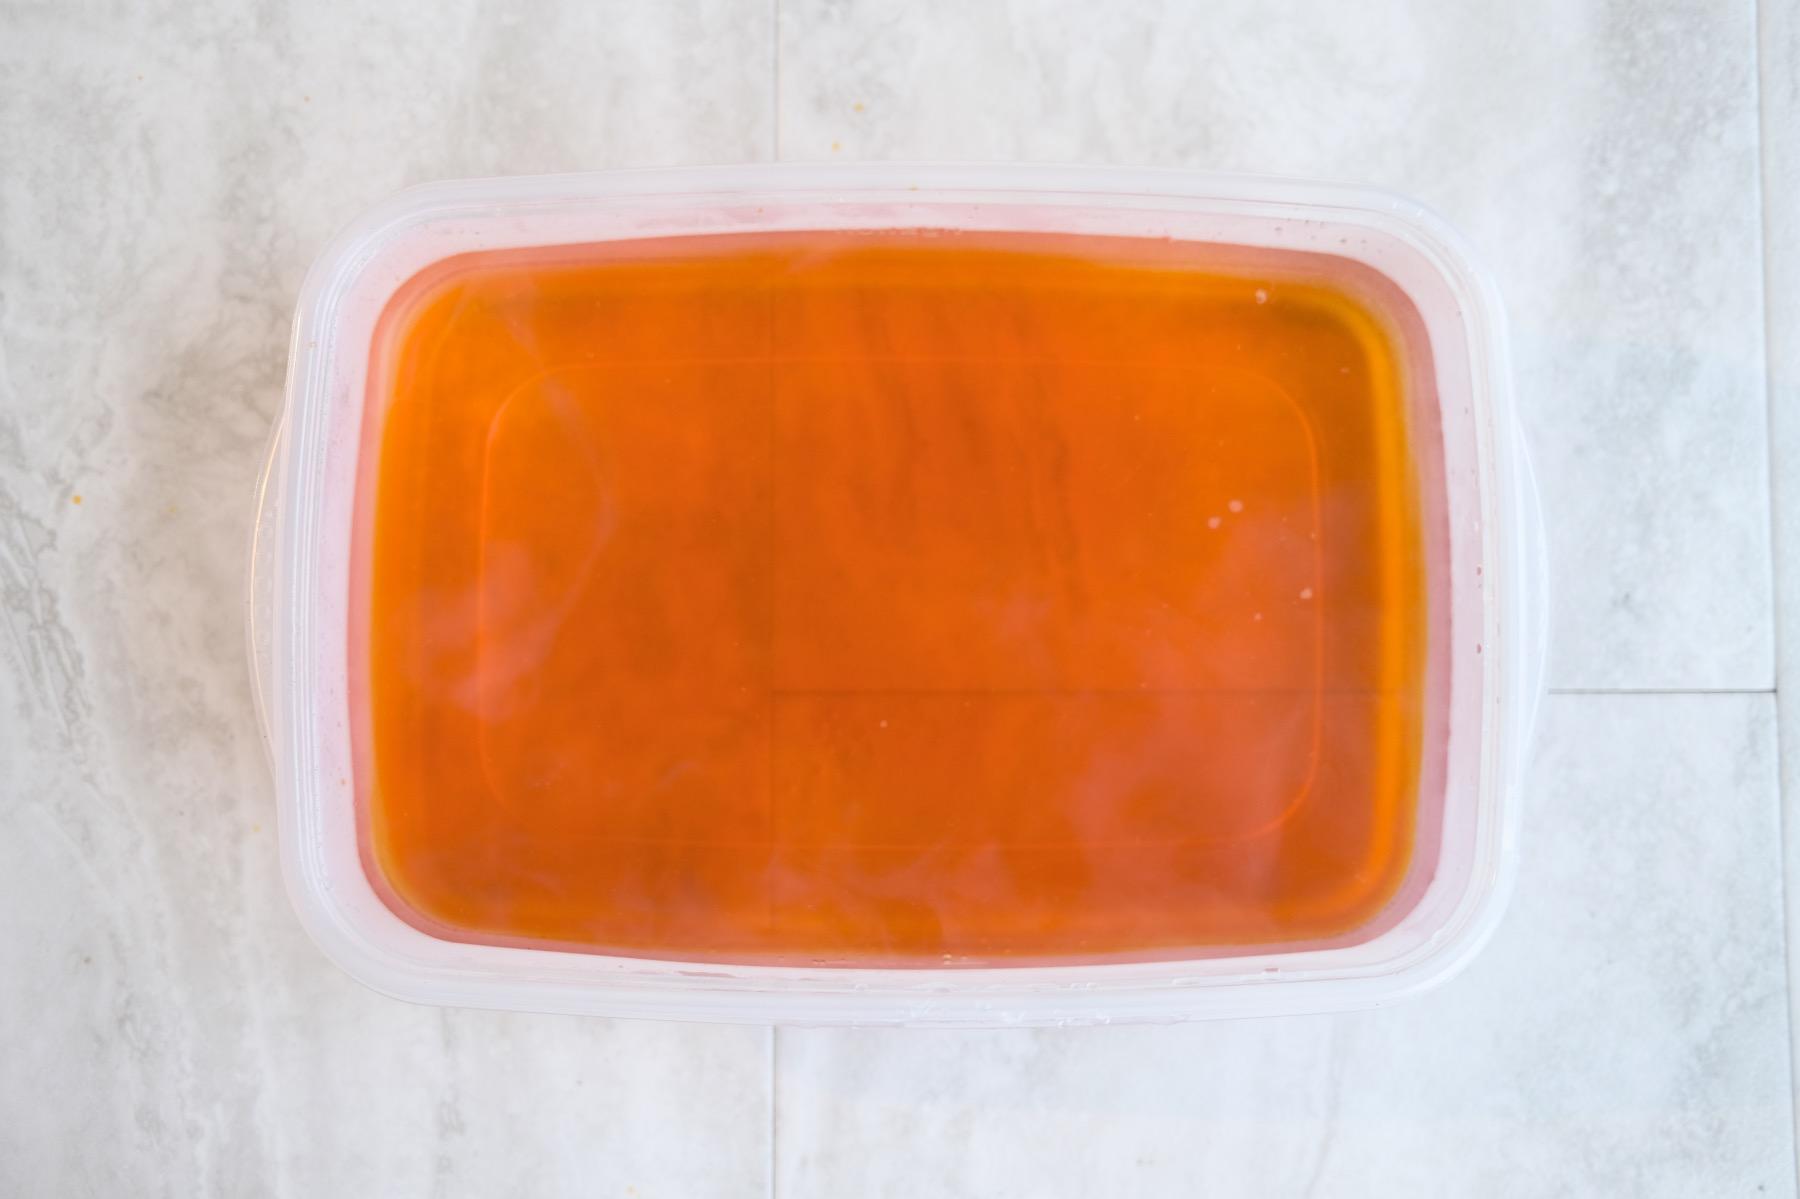 dye bath with rit dye to make a dip dyed blanket